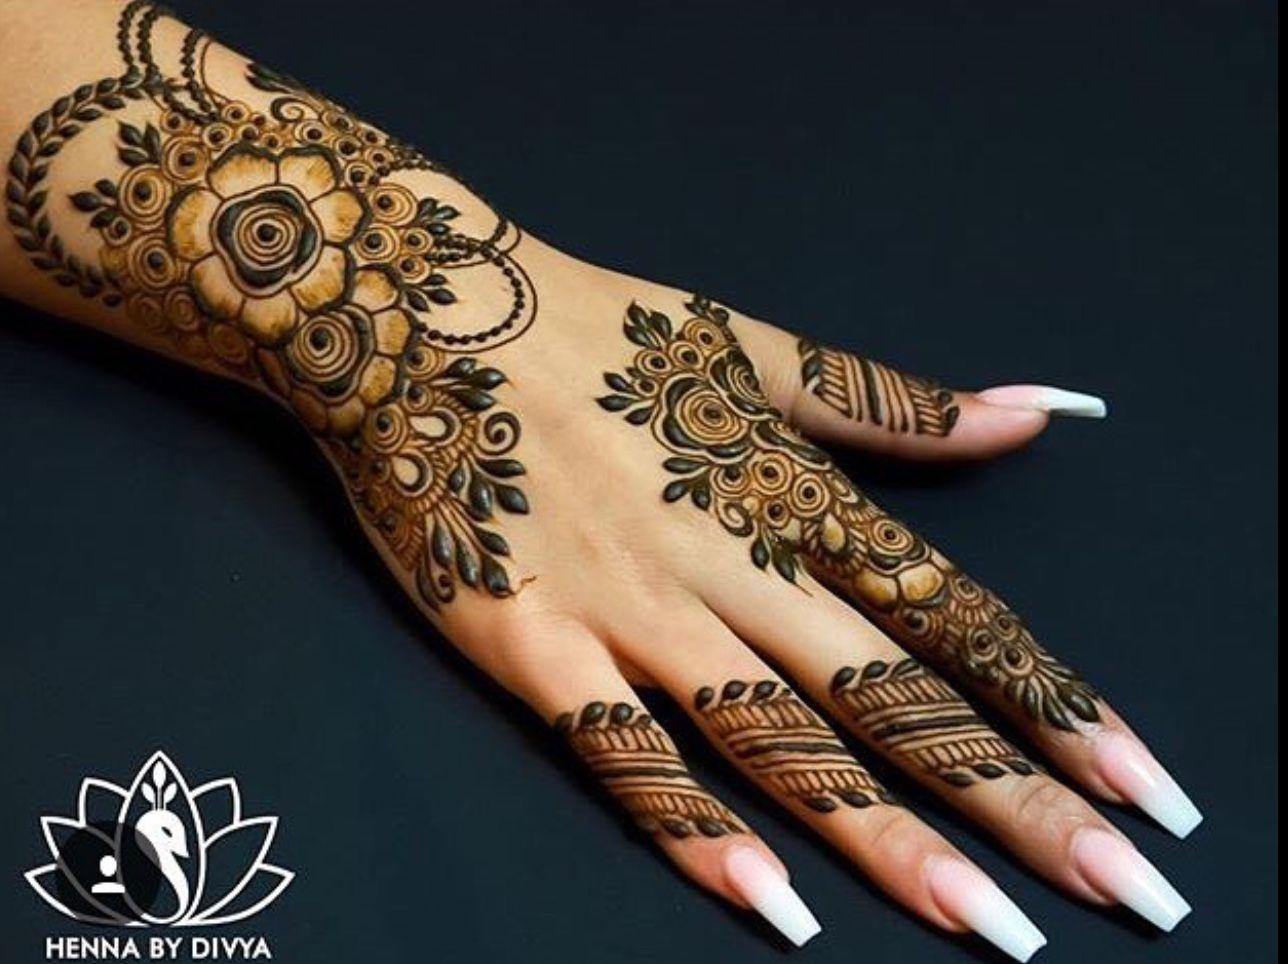 Mehndi Art Designs : Pin by momatopia on henna designs pinterest hennas mehndi and